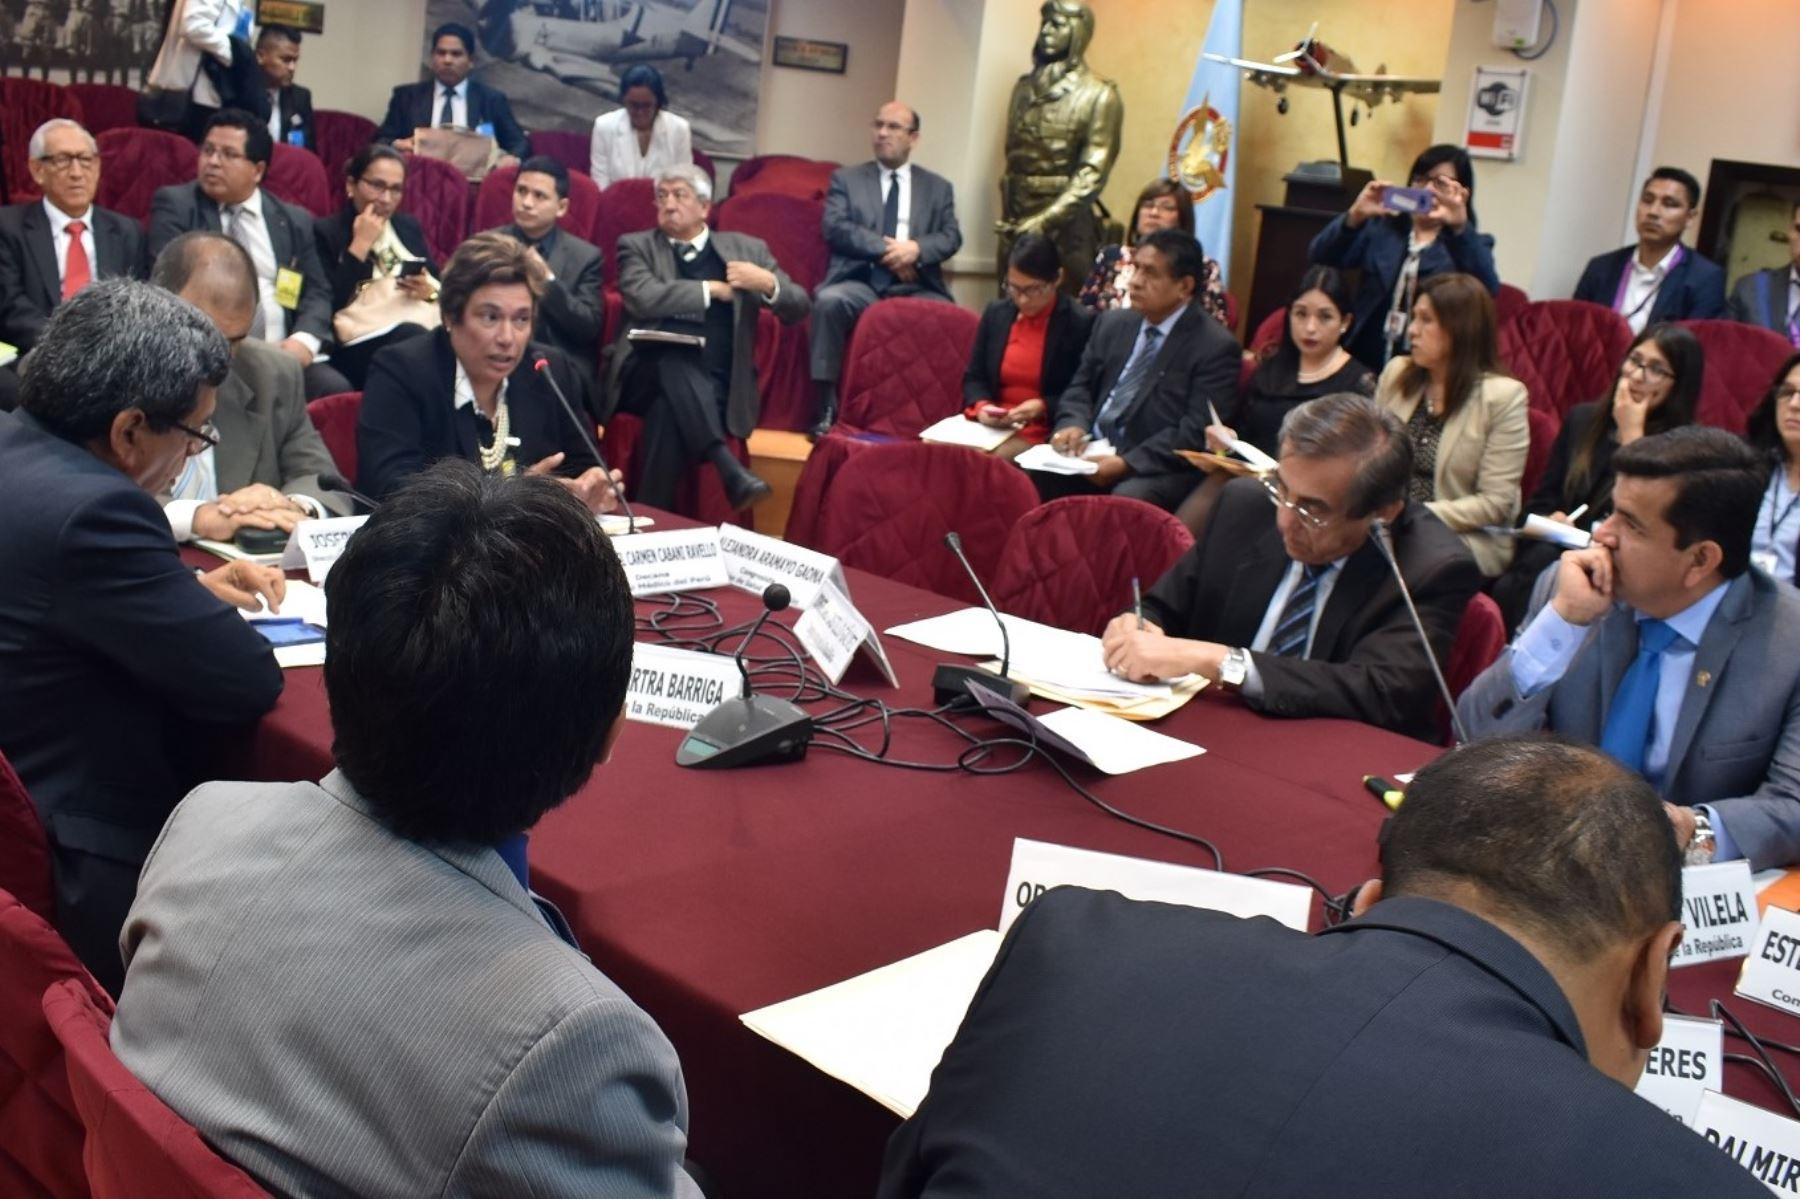 Decana del Colegio Médico del Perú, Liliana Cabani, en la Comisión de Salud del Congreso Foto: Difusión